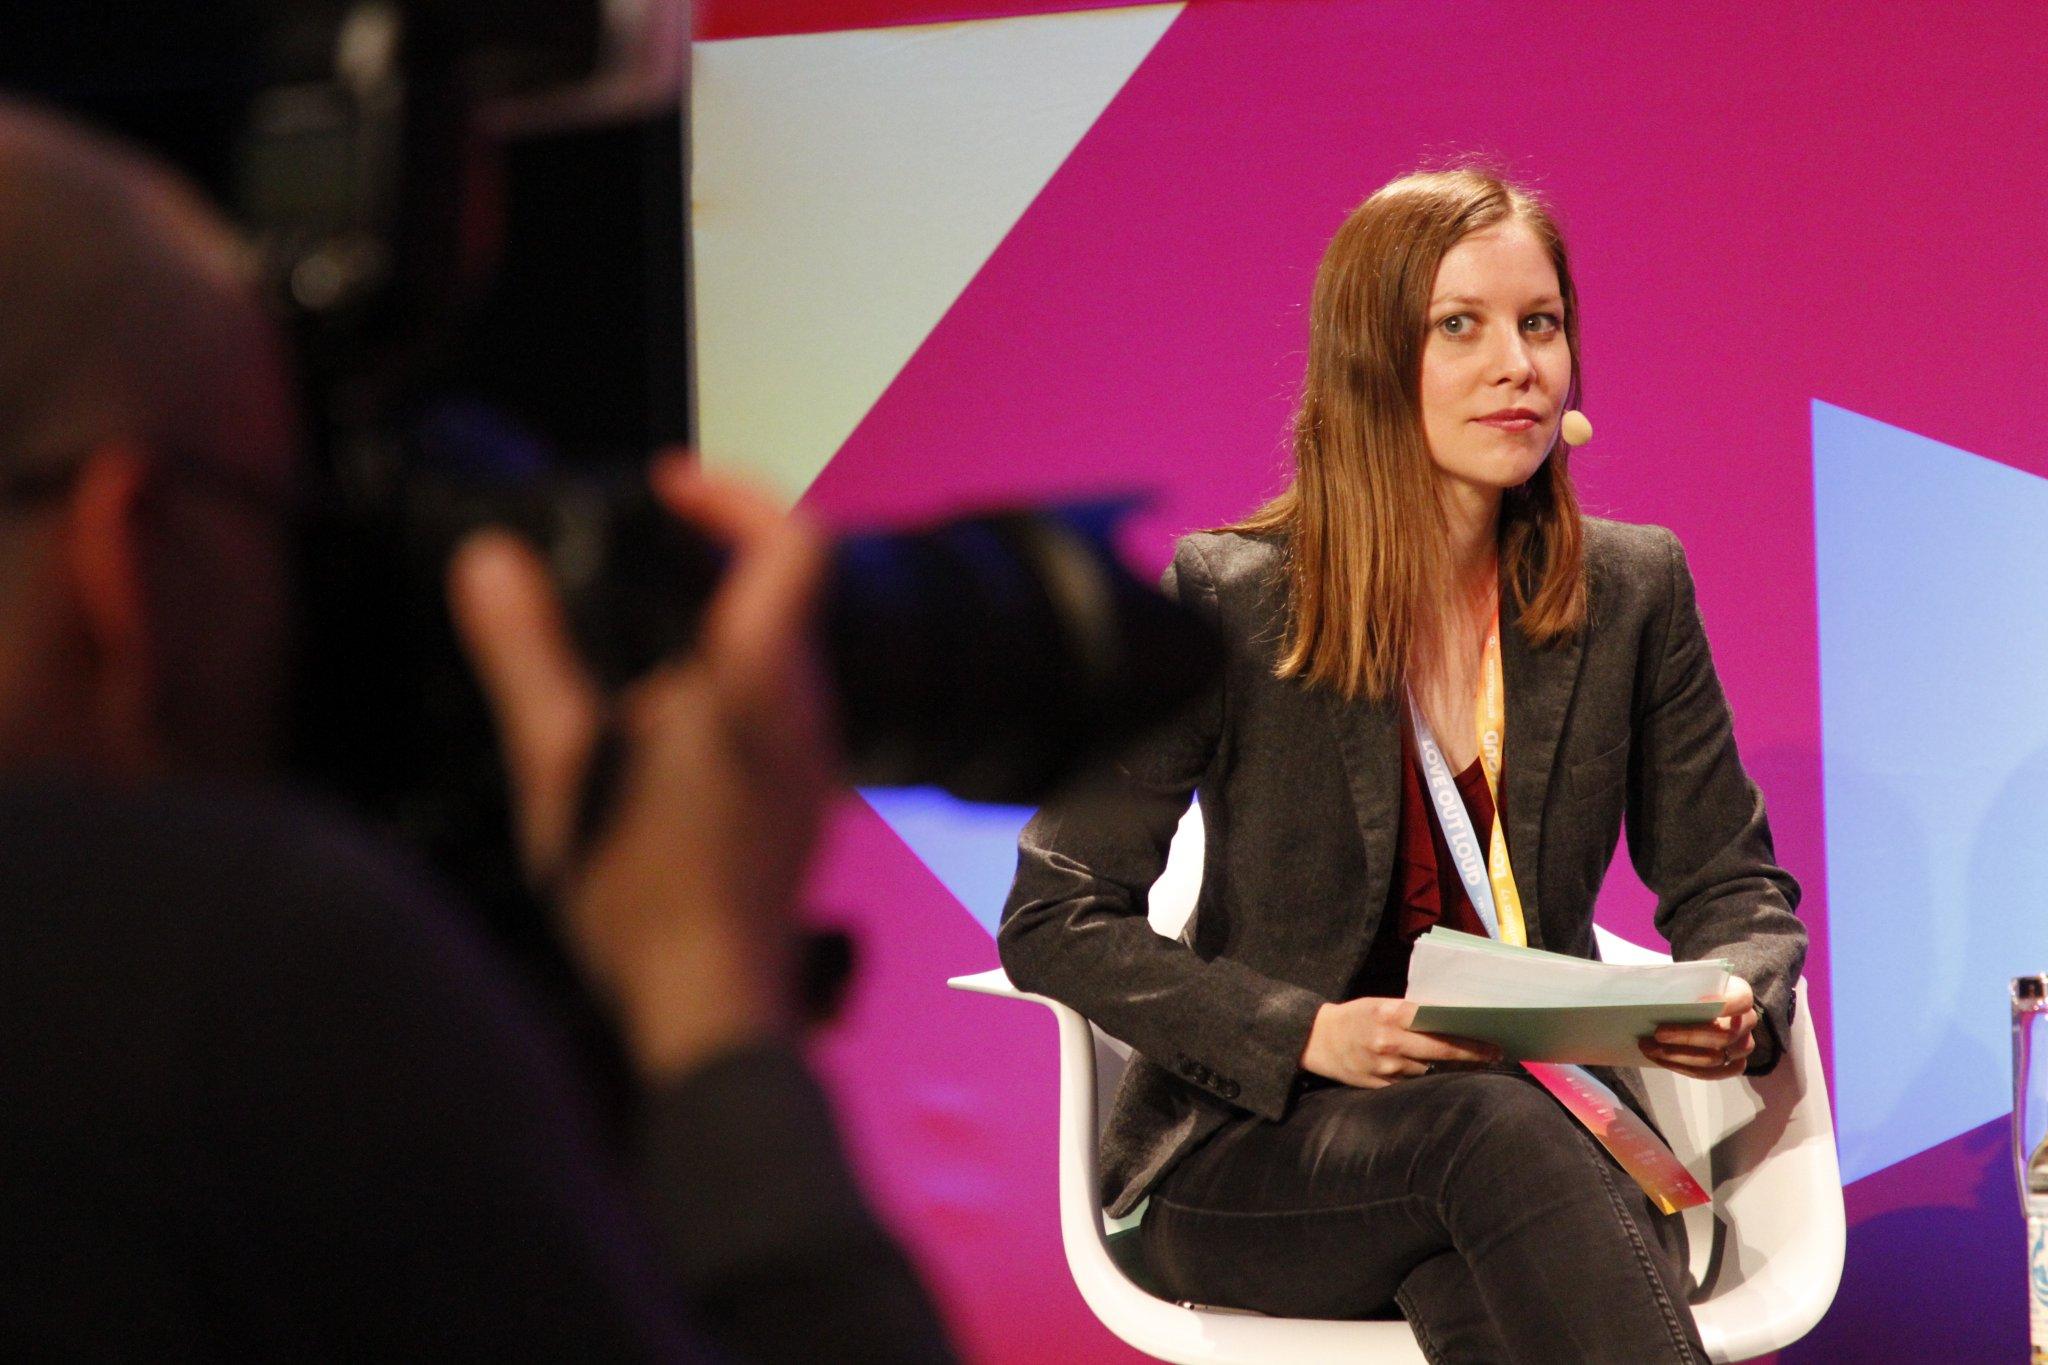 Wie lässt sich mit VR Geld verdienen? Diesen Talk moderierte Susanne auf der re:publica 2017.